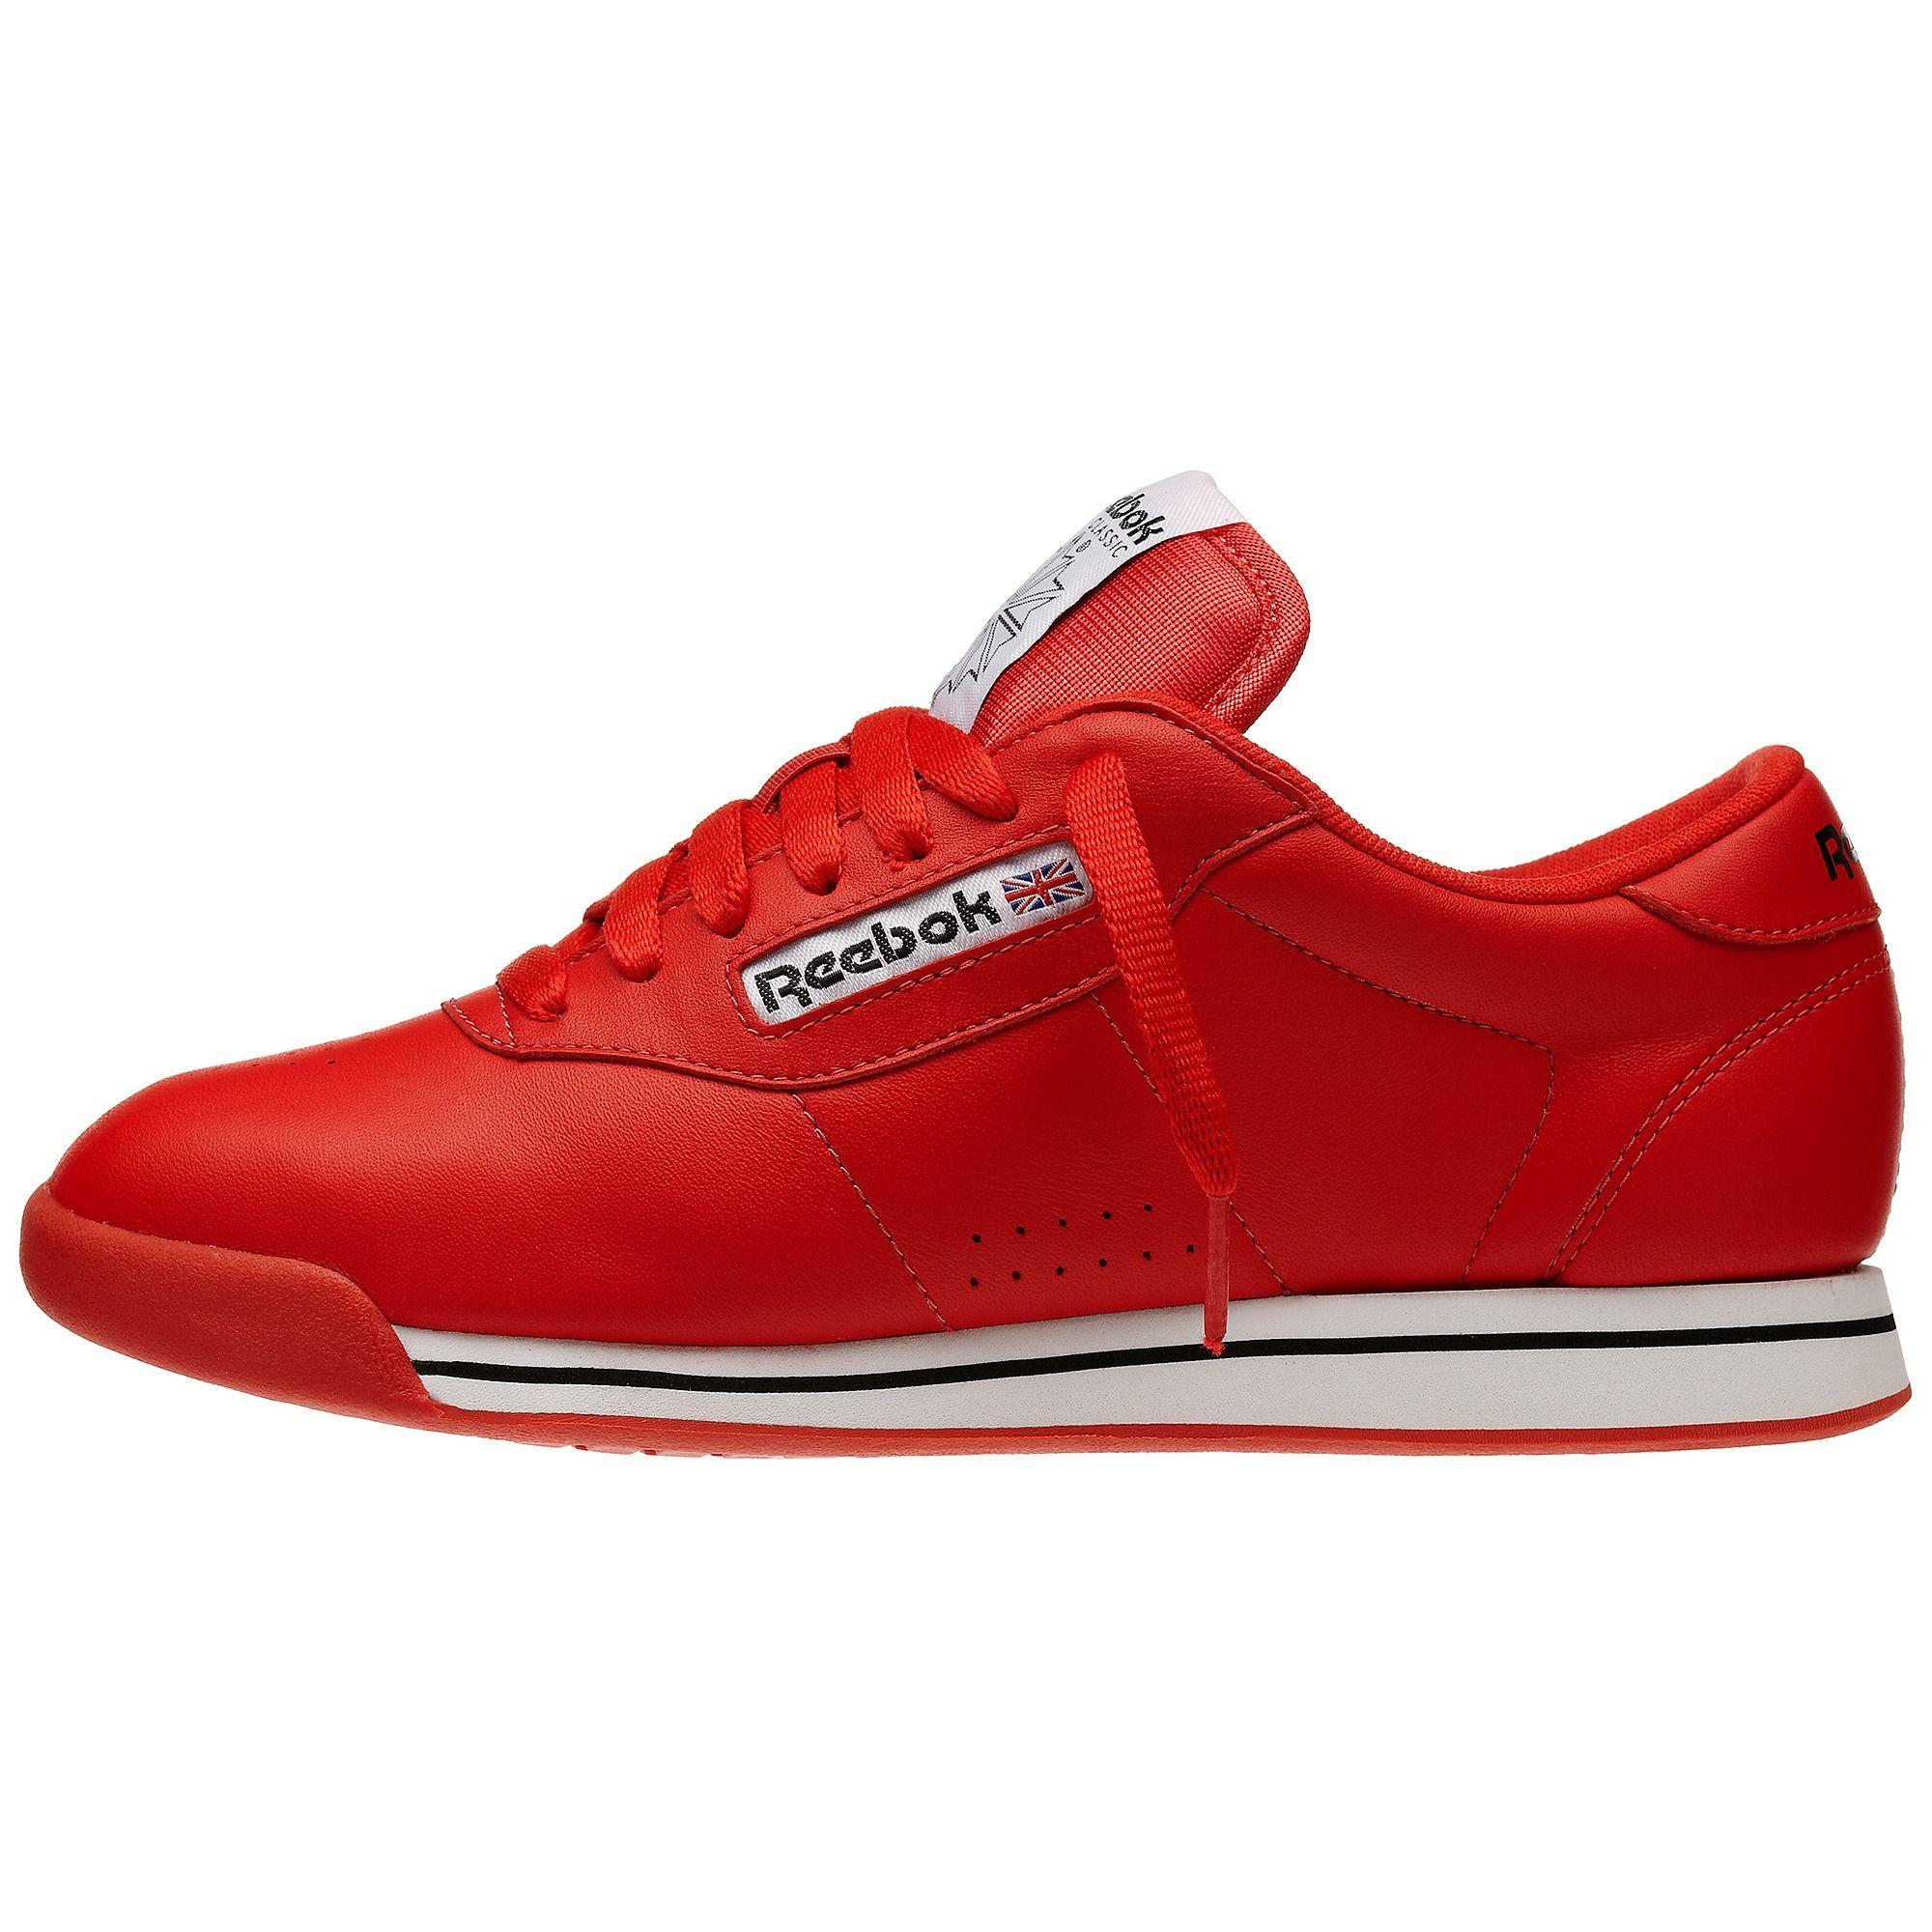 buy online 50bc2 d84ef Reebok - Princess Zapatillas, Tenis, Deportes, Canastas, Entrenadores,  Honestidad, Tacones